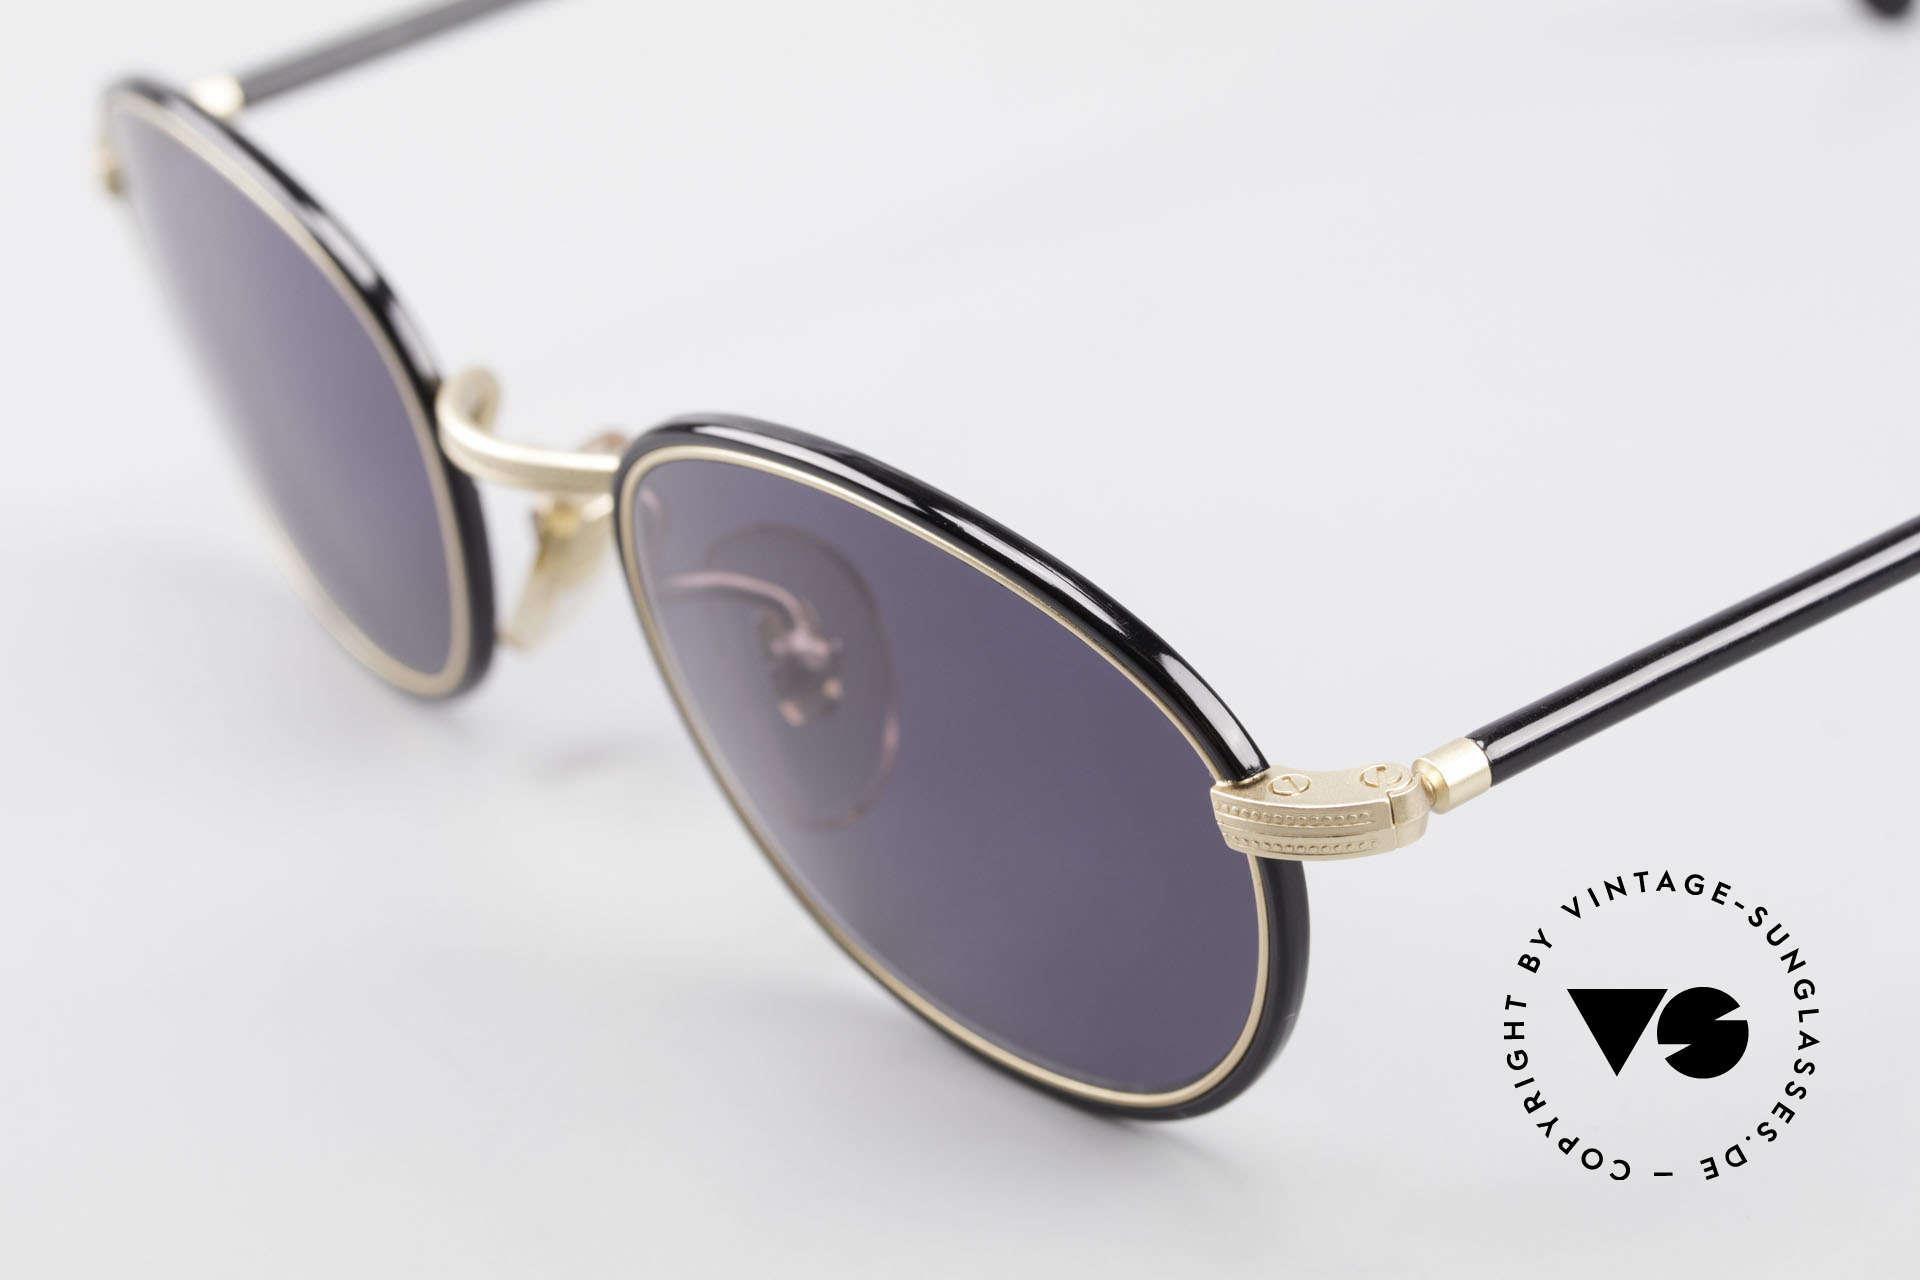 Cutler And Gross 0394 Classic Vintage Sonnenbrille, sehr elegante Kombination von Materialien und Farben, Passend für Herren und Damen